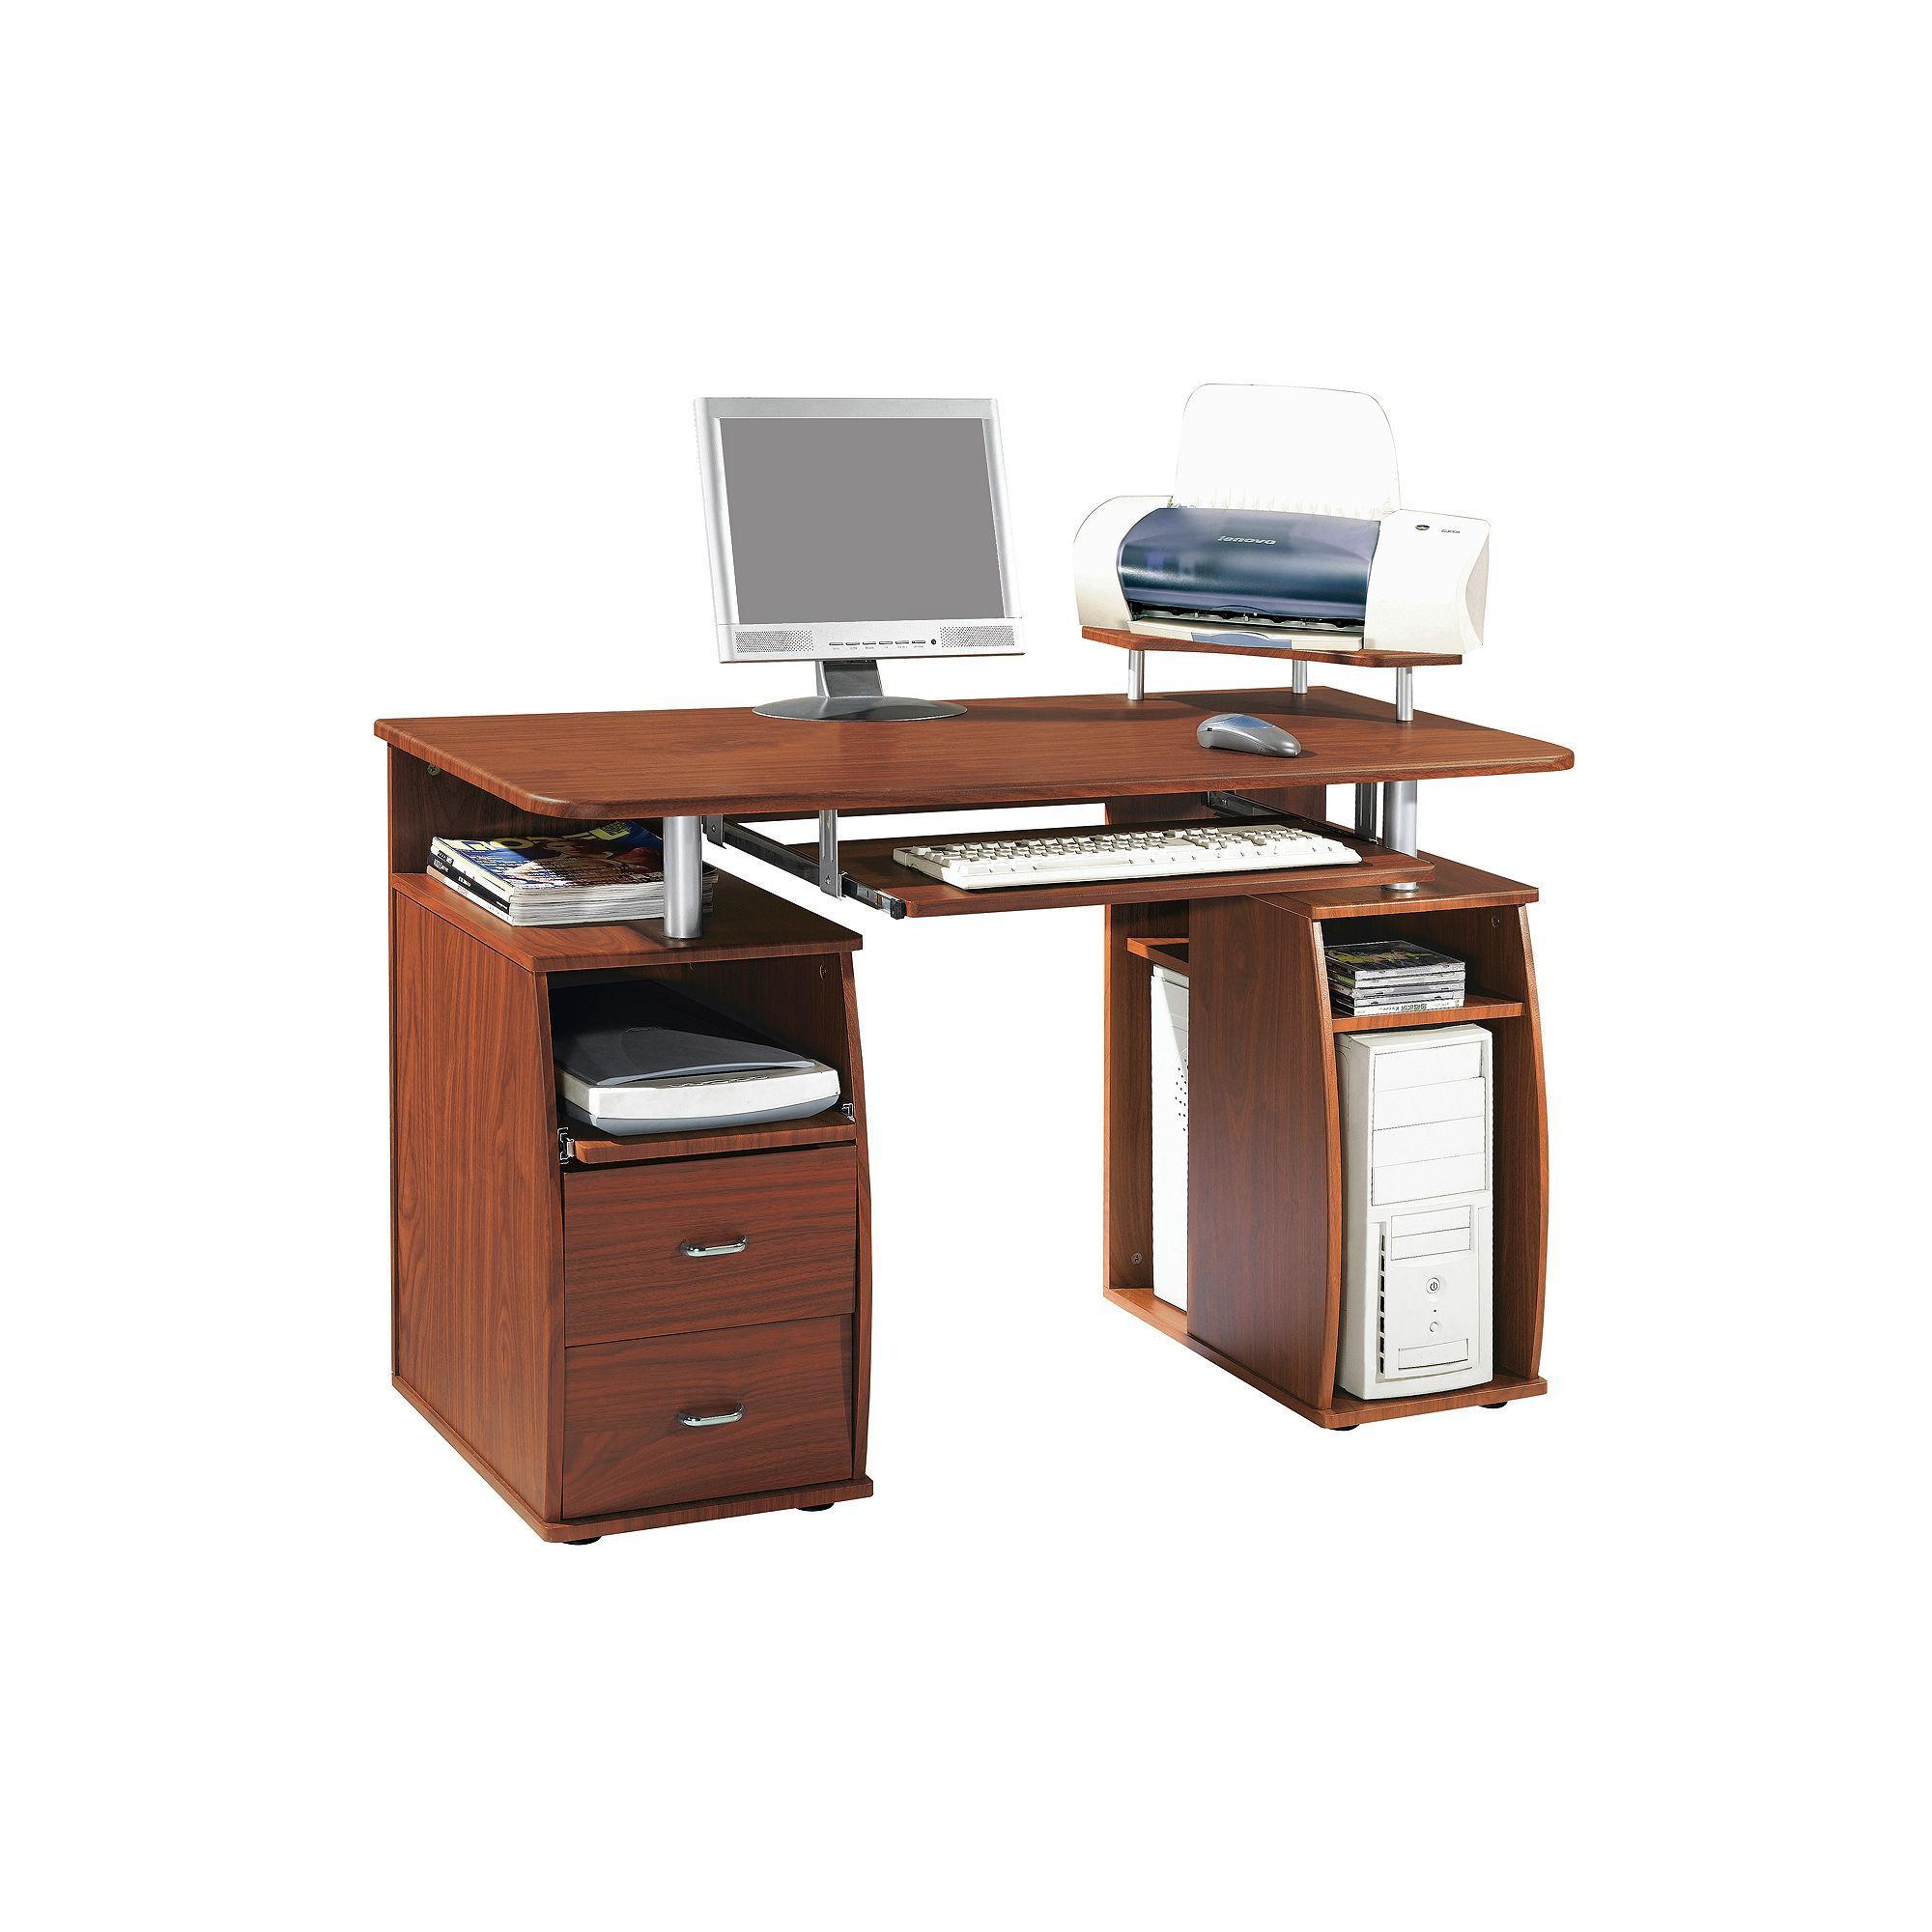 Techni Mobili Mahogany Computer Desk, Brown